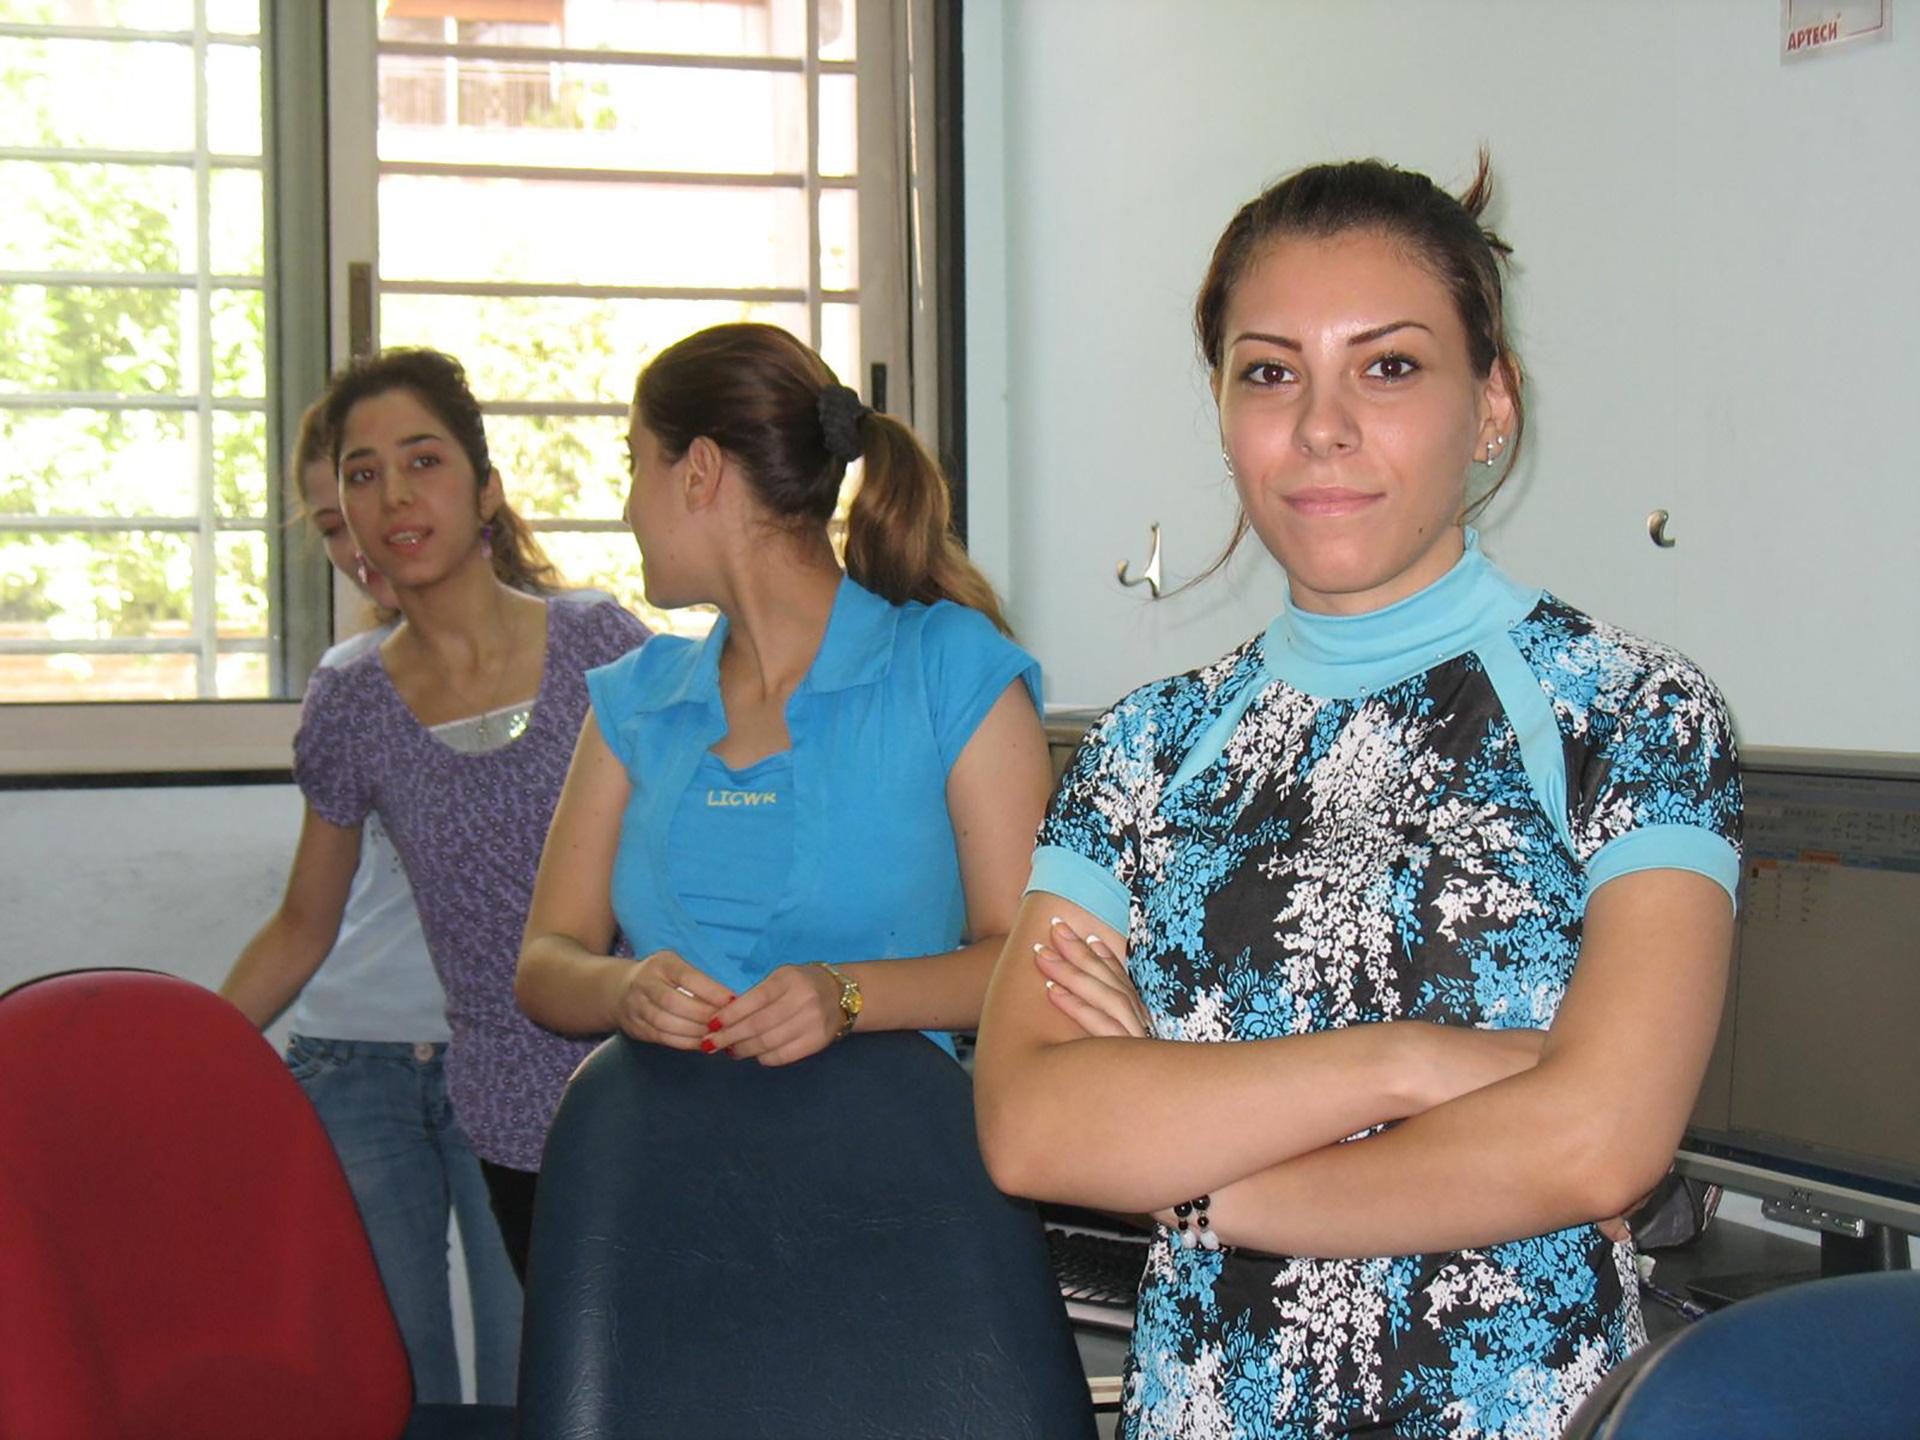 Syrie goc beroepstraining voor jonge vrouwen